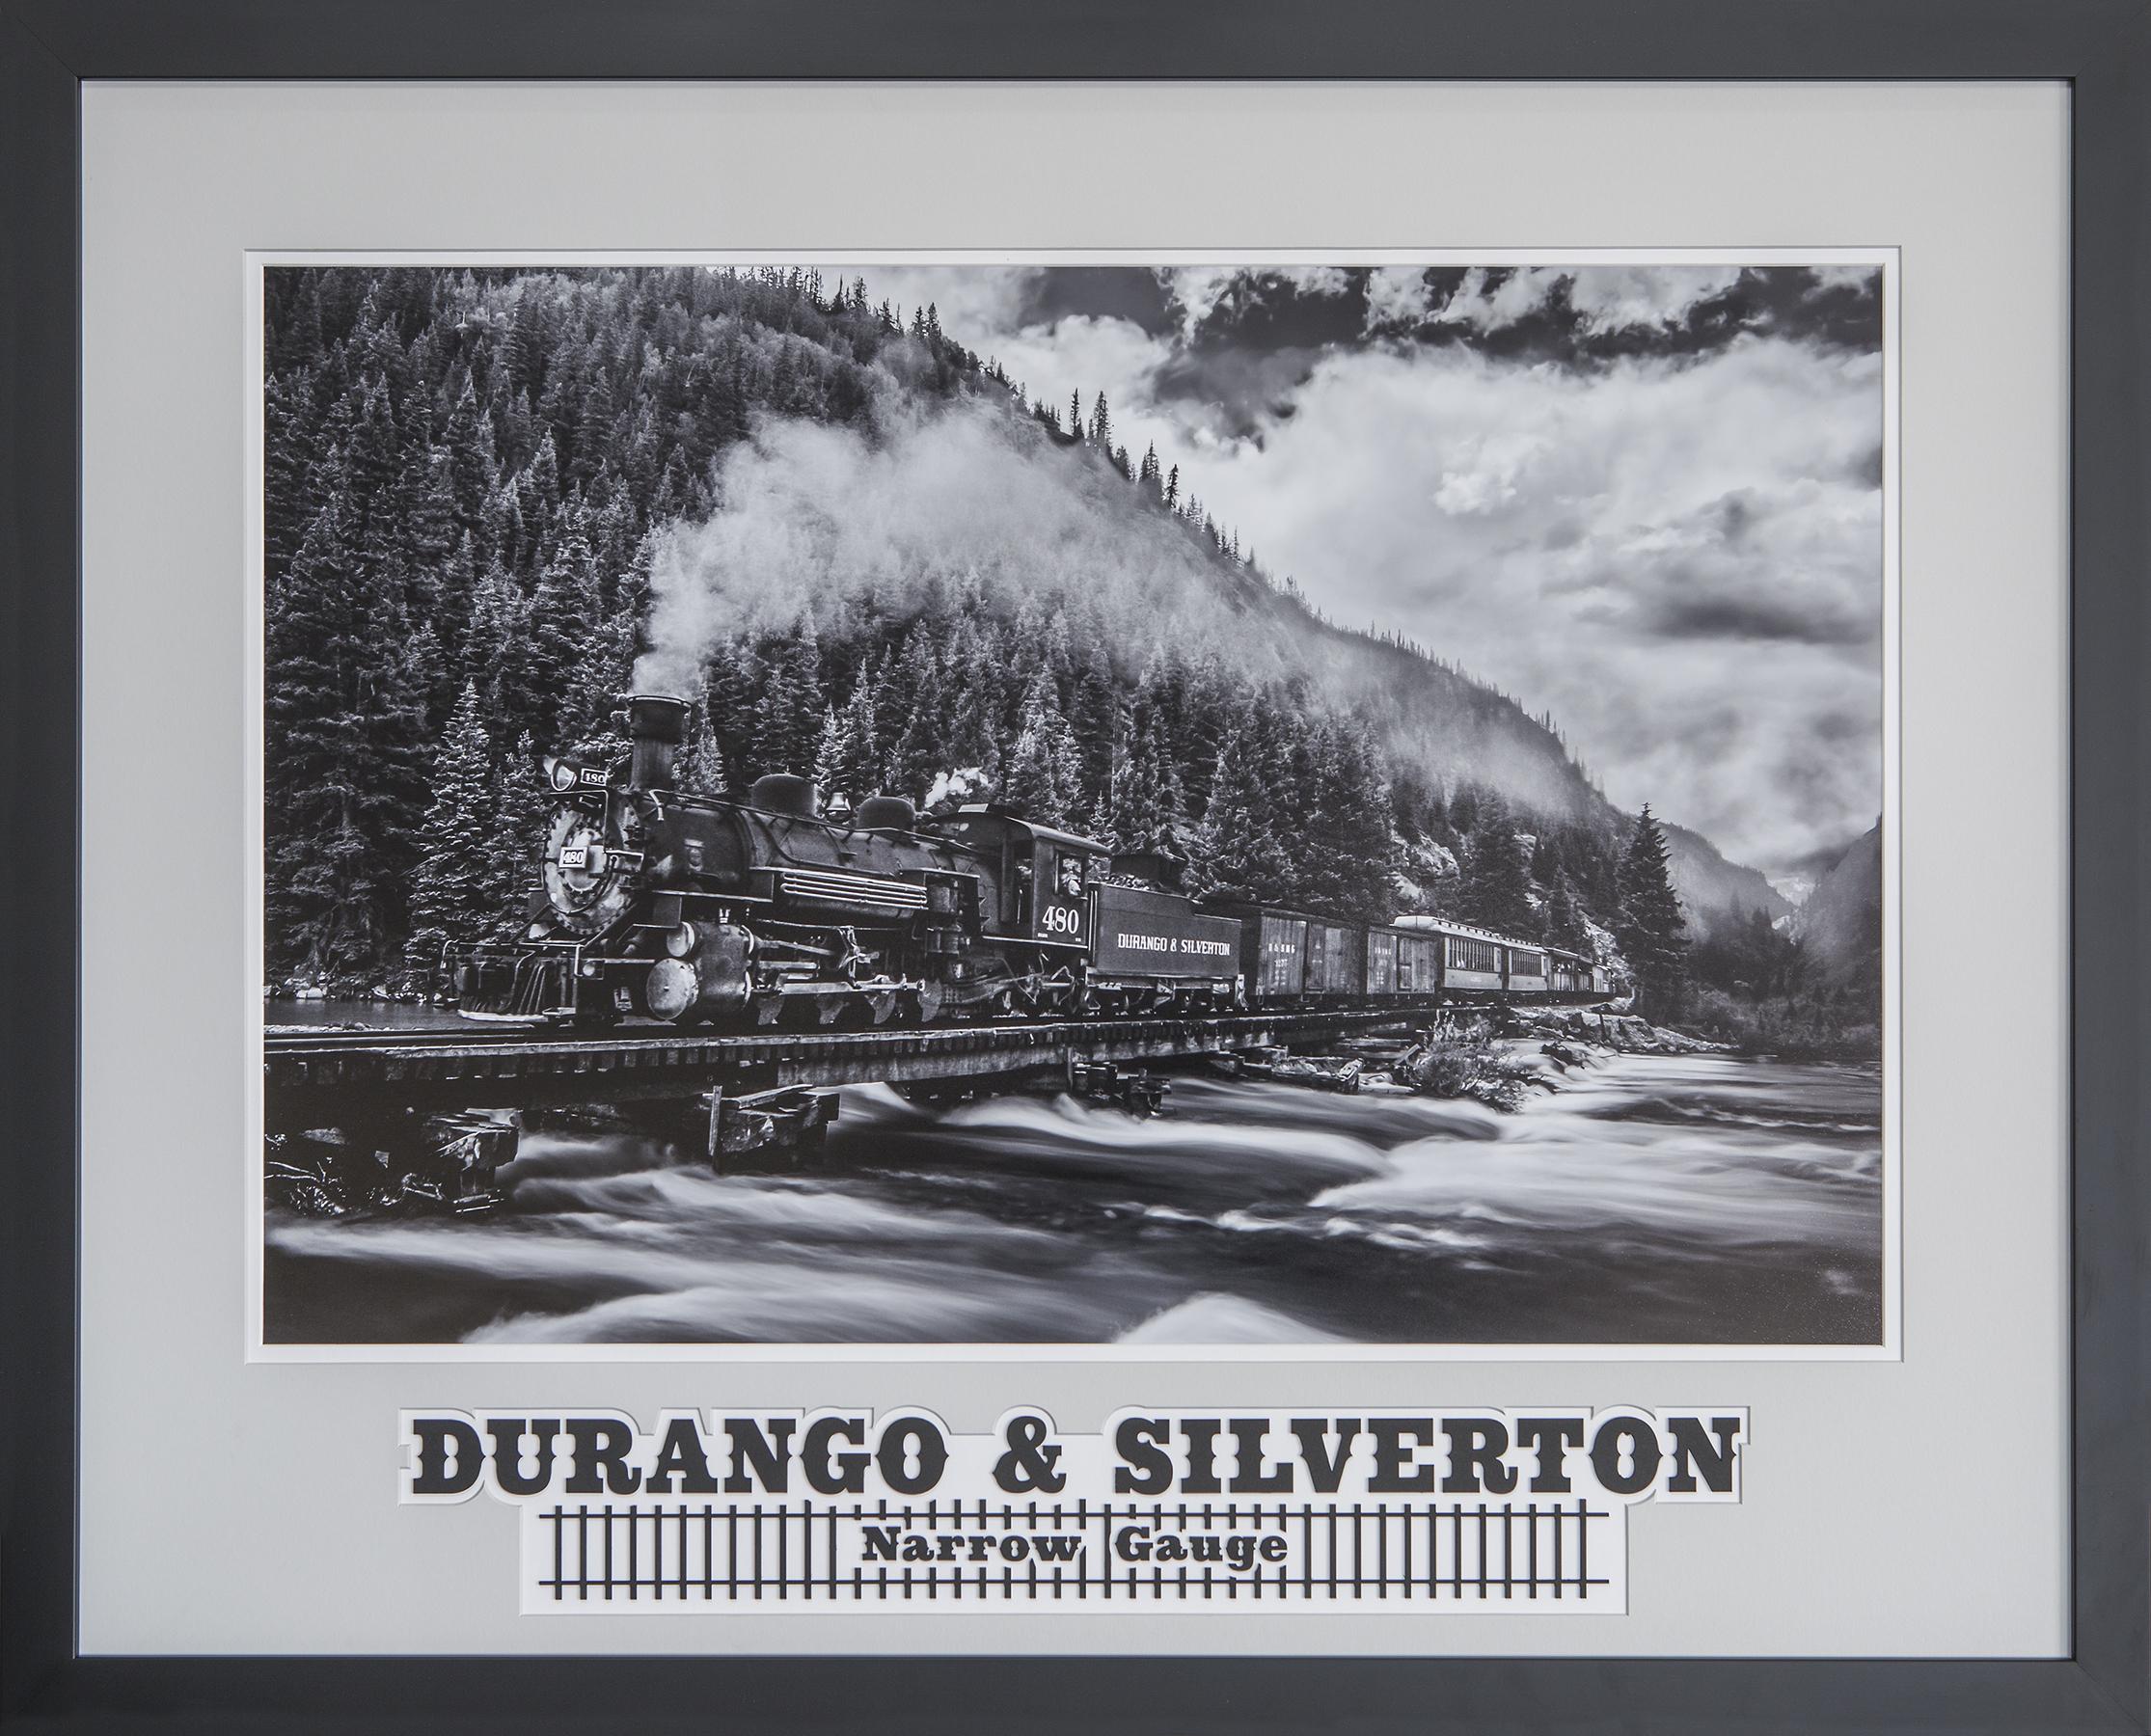 Durango & Silverton, cropped-web.jpg